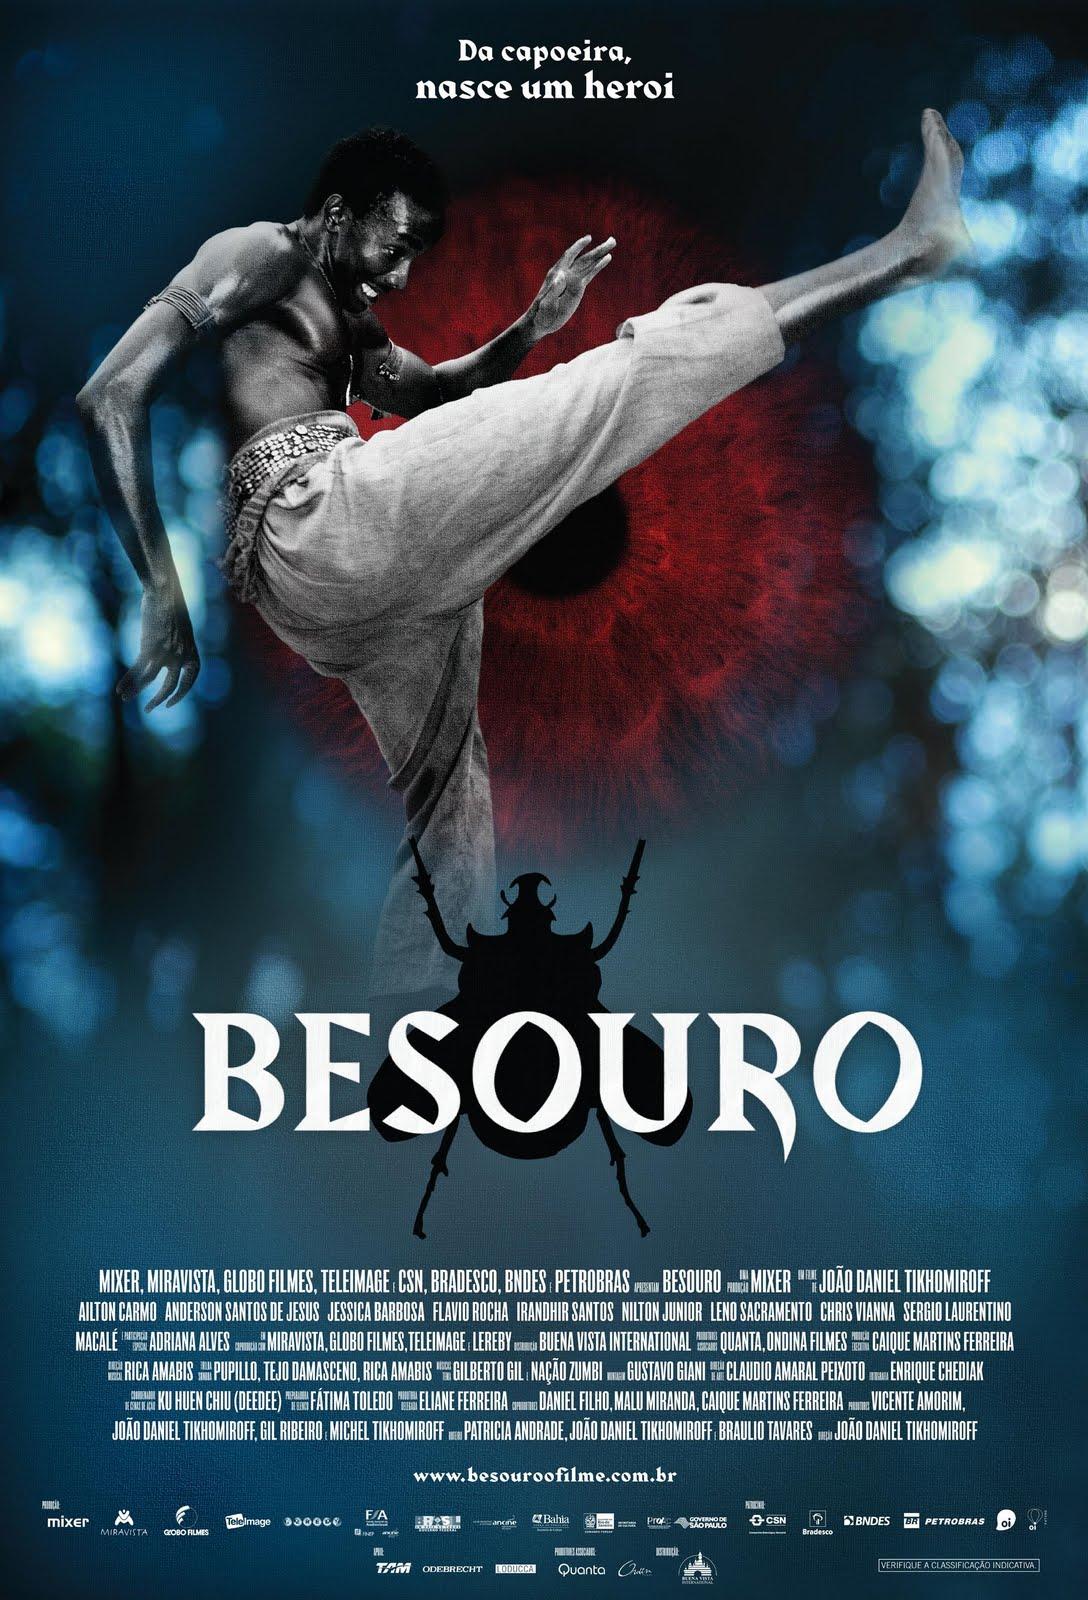 BESOURO - O FILME